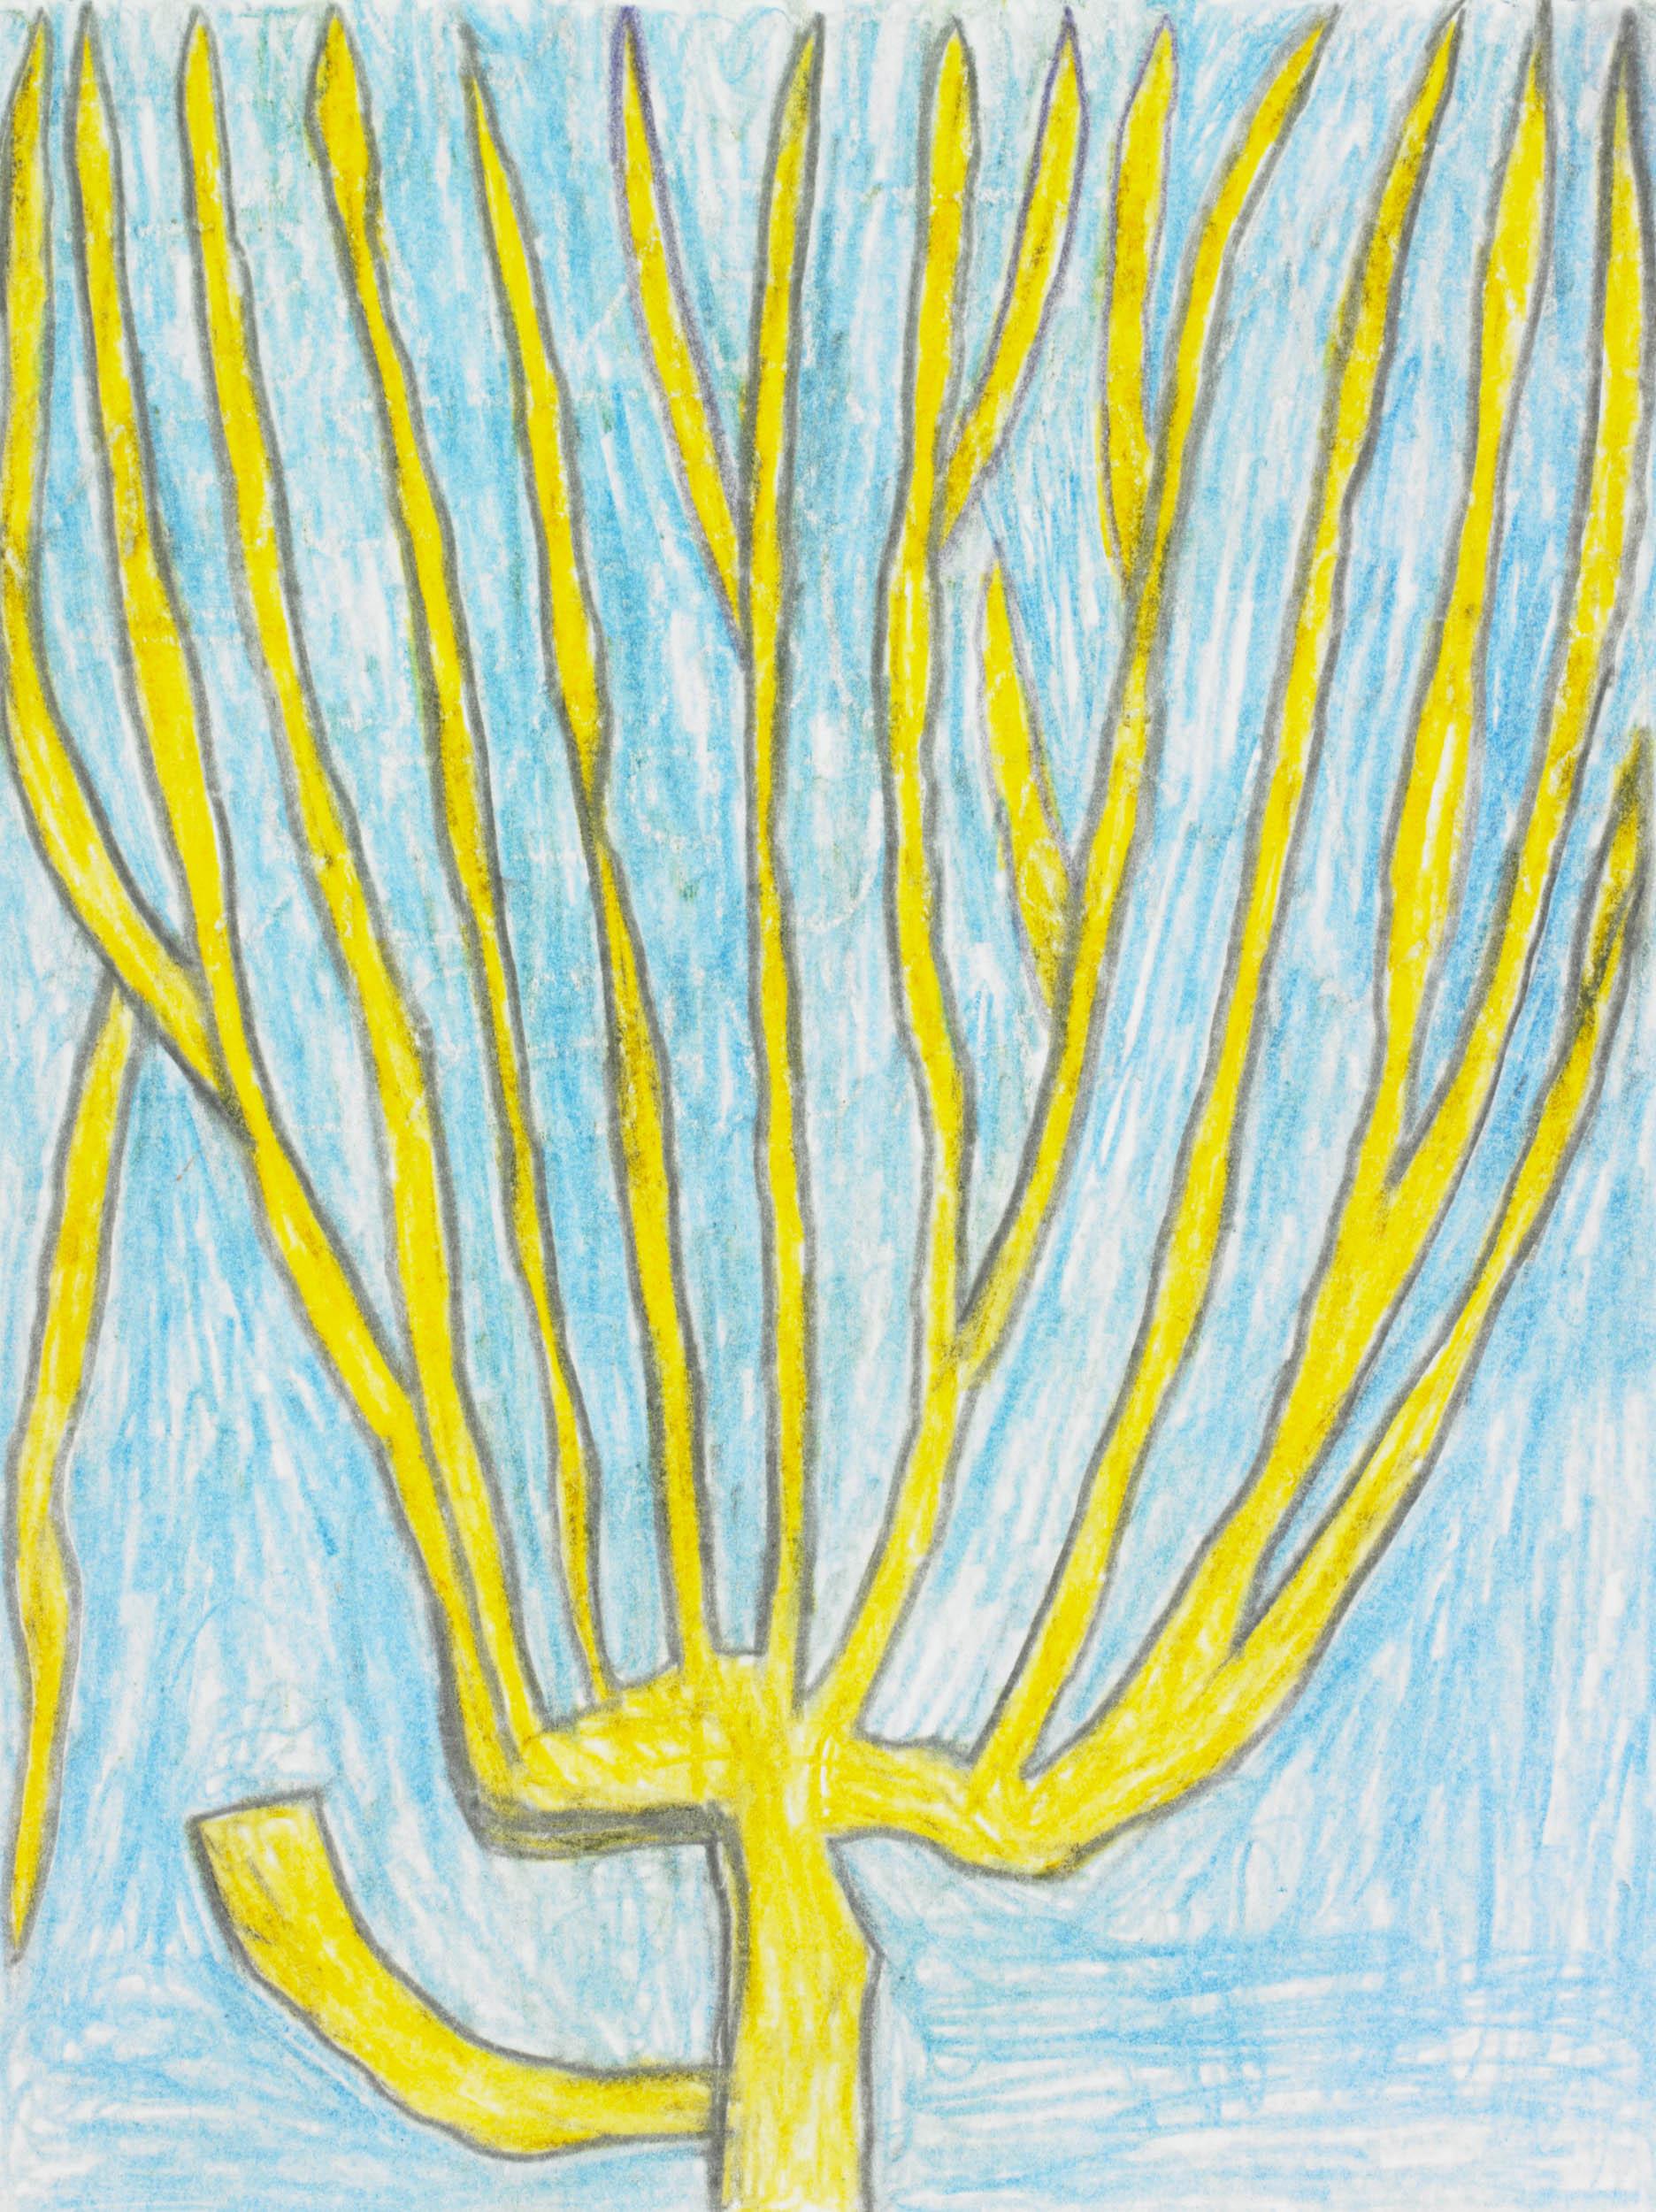 walla august - BAUM MIT UMGEHACKTEN AST/ TREE WITH CHOPPED BRANCH